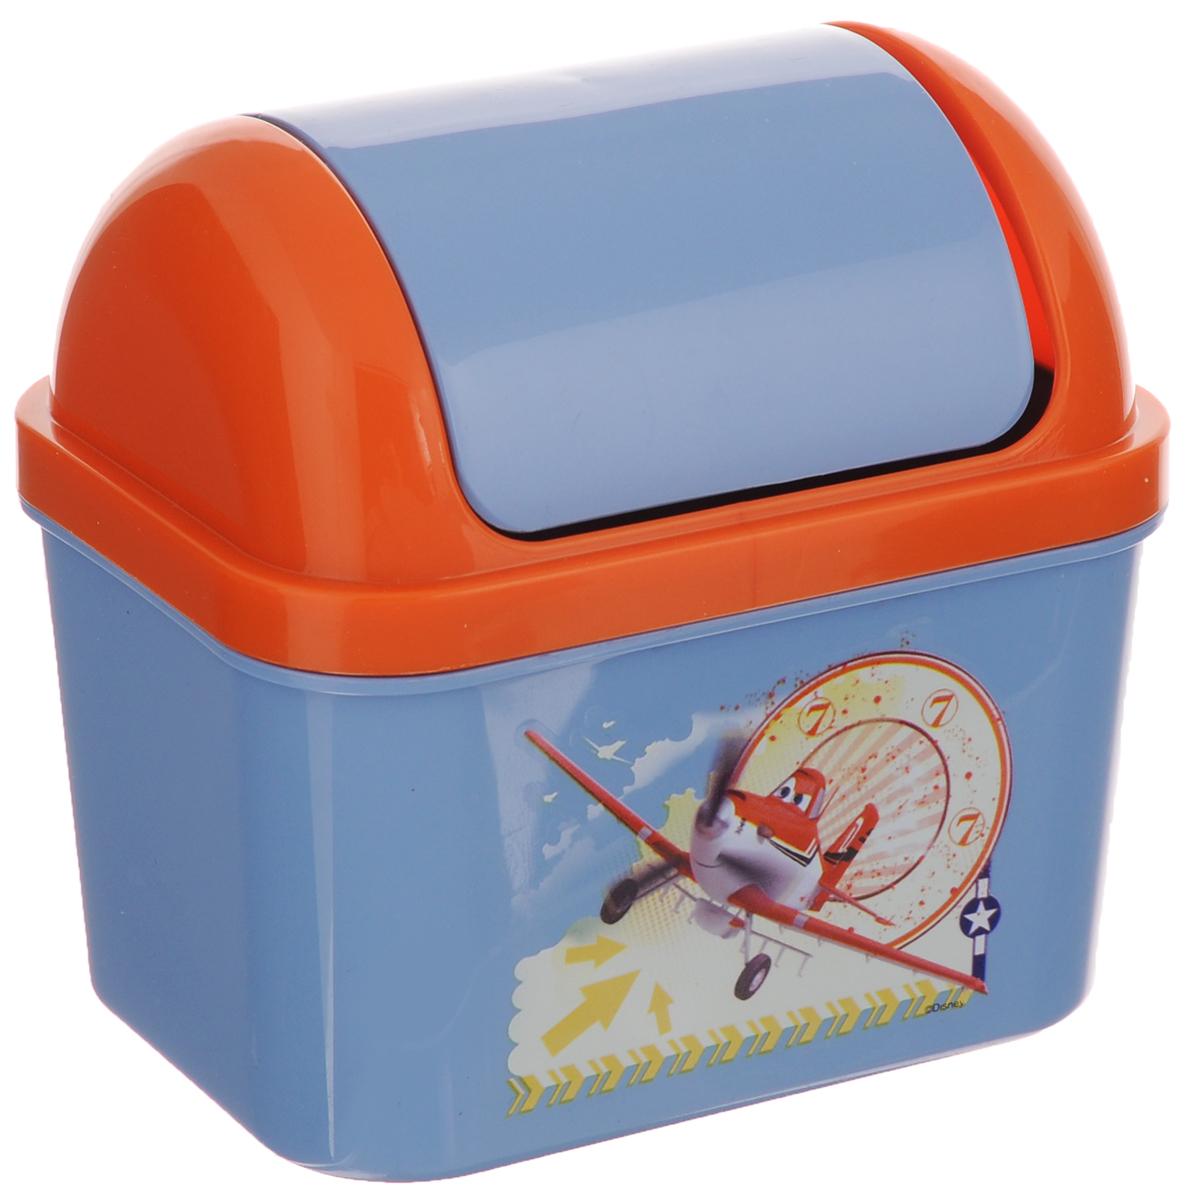 Контейнер для мусора Полимербыт Тачки-самолеты, 500 млС49077_оранжевый, голубойДетский контейнер для мусора Полимербыт Тачки-самолеты выполнен из высококачественного пластика и украшен изображением героя мультфильма. Изделие оснащено плавающей крышкой. Такой контейнер подойдет для выбрасывания небольших отходов, таких как бумага, стружка карандаша, фантики. Размер контейнера (с учетом крышки): 11,5 х 8 х 15 см. Размер контейнера (без учета крышки): 11,5 х 8 х 11 см.